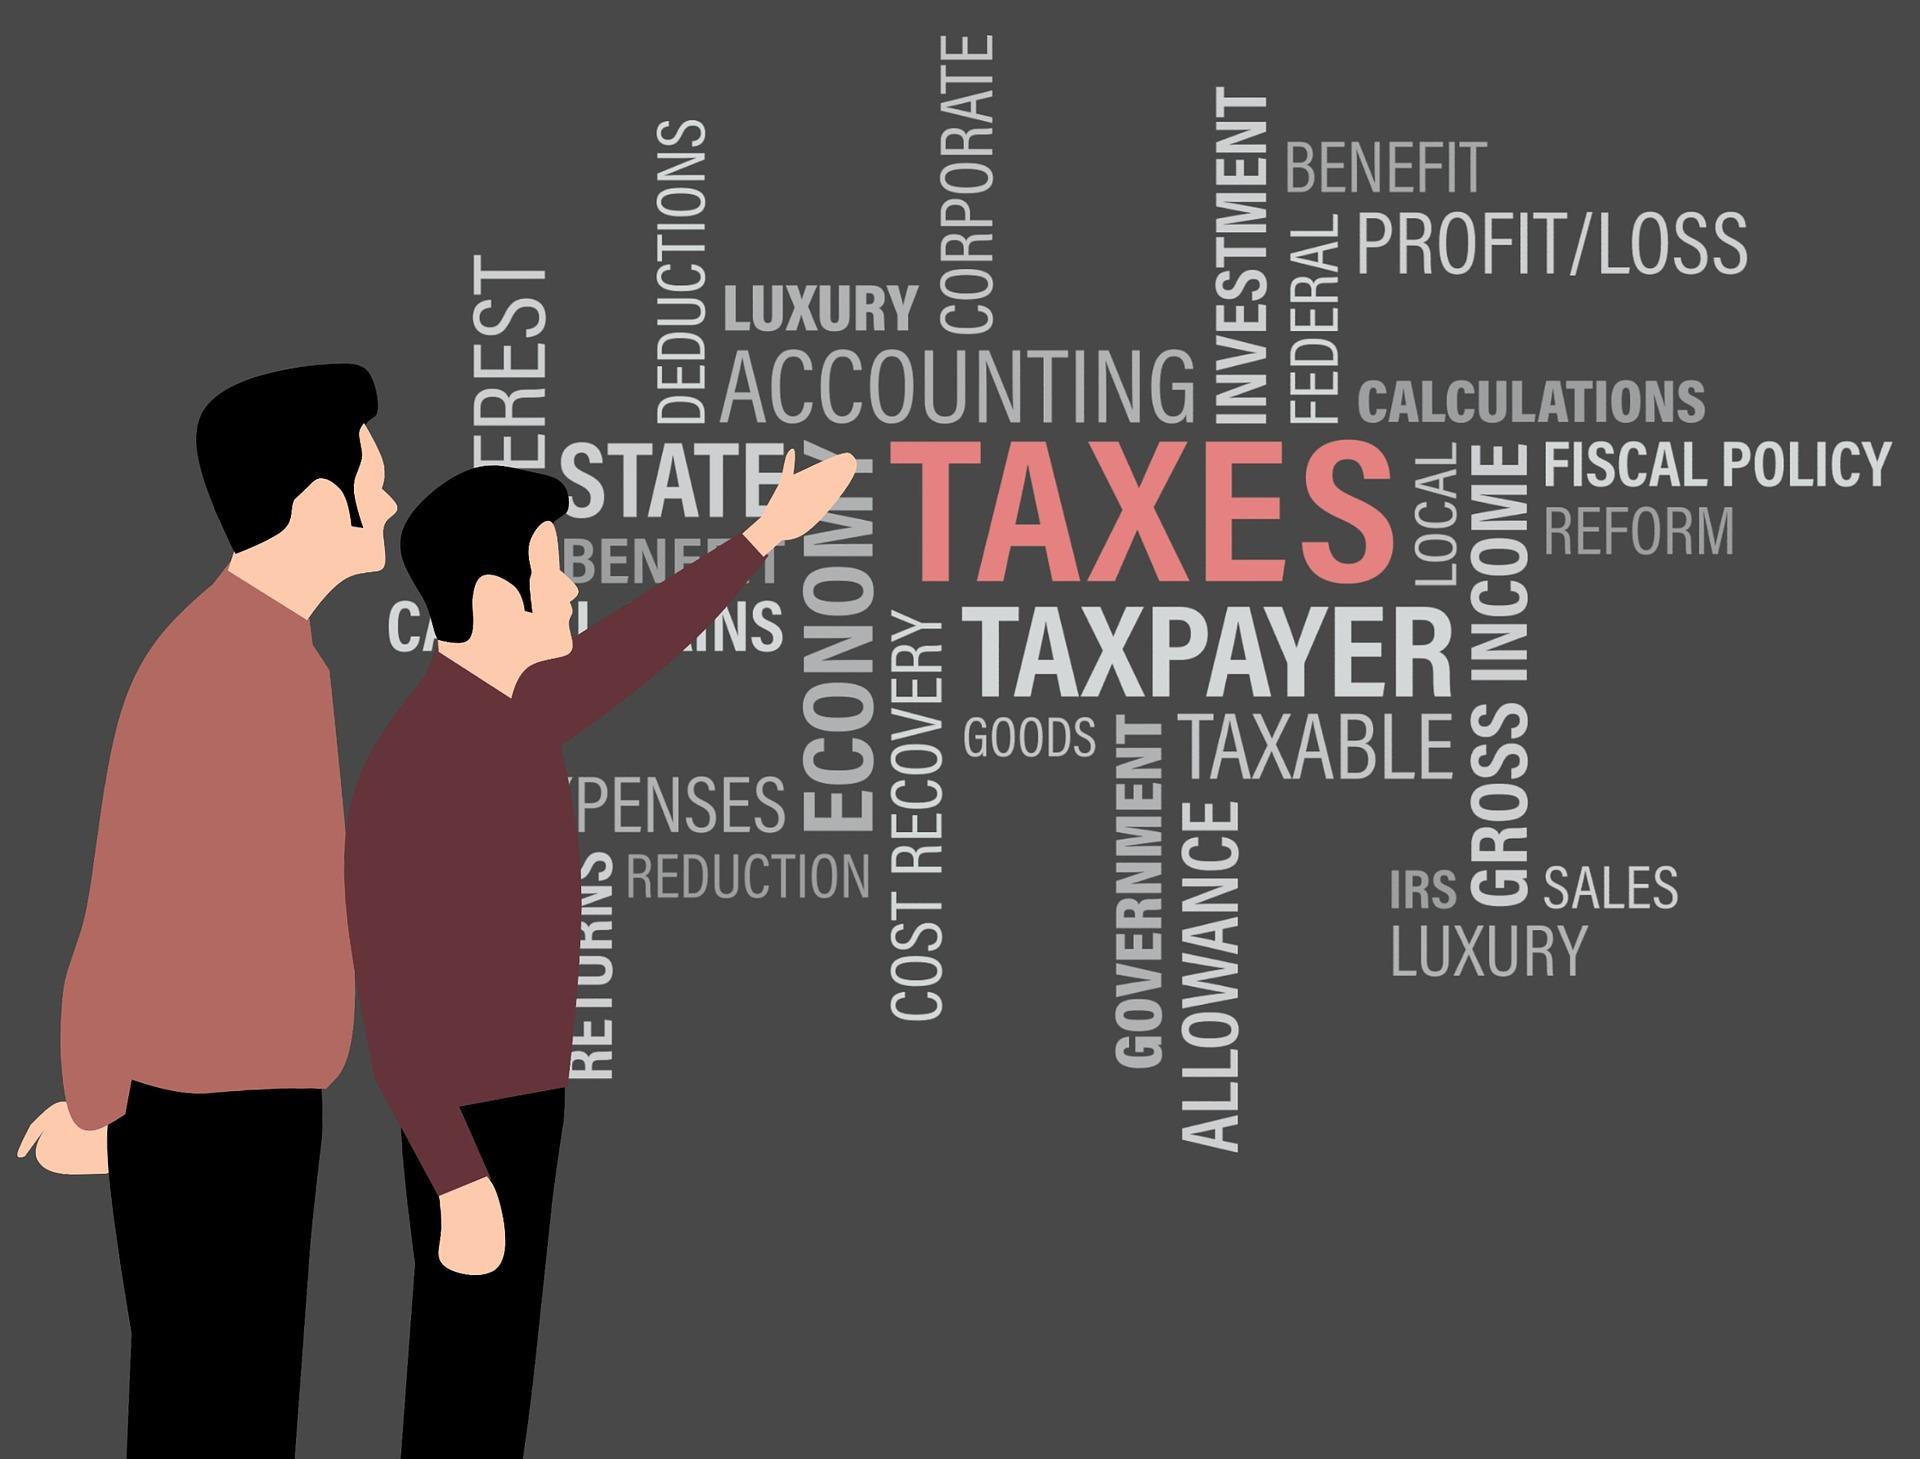 SME tax advice, payroll, MTD, corporation tax, partnership, self-assessment, VAT, Flat rate scheme, Retail Scheme, VAT Margin scheme